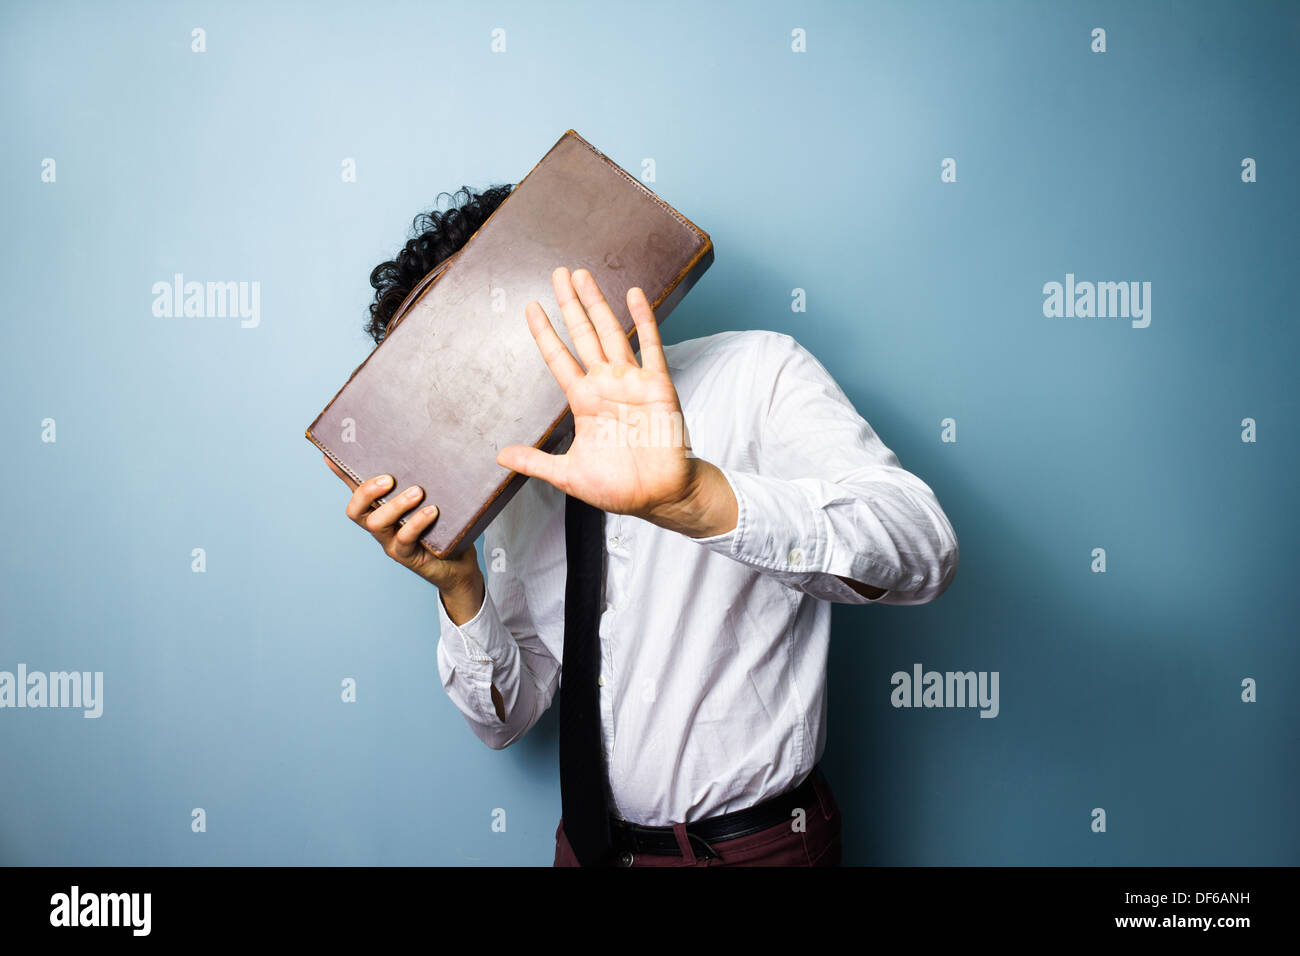 Giovane uomo non vuole che la sua foto scattata e nasconde il suo volto dietro una valigetta Immagini Stock